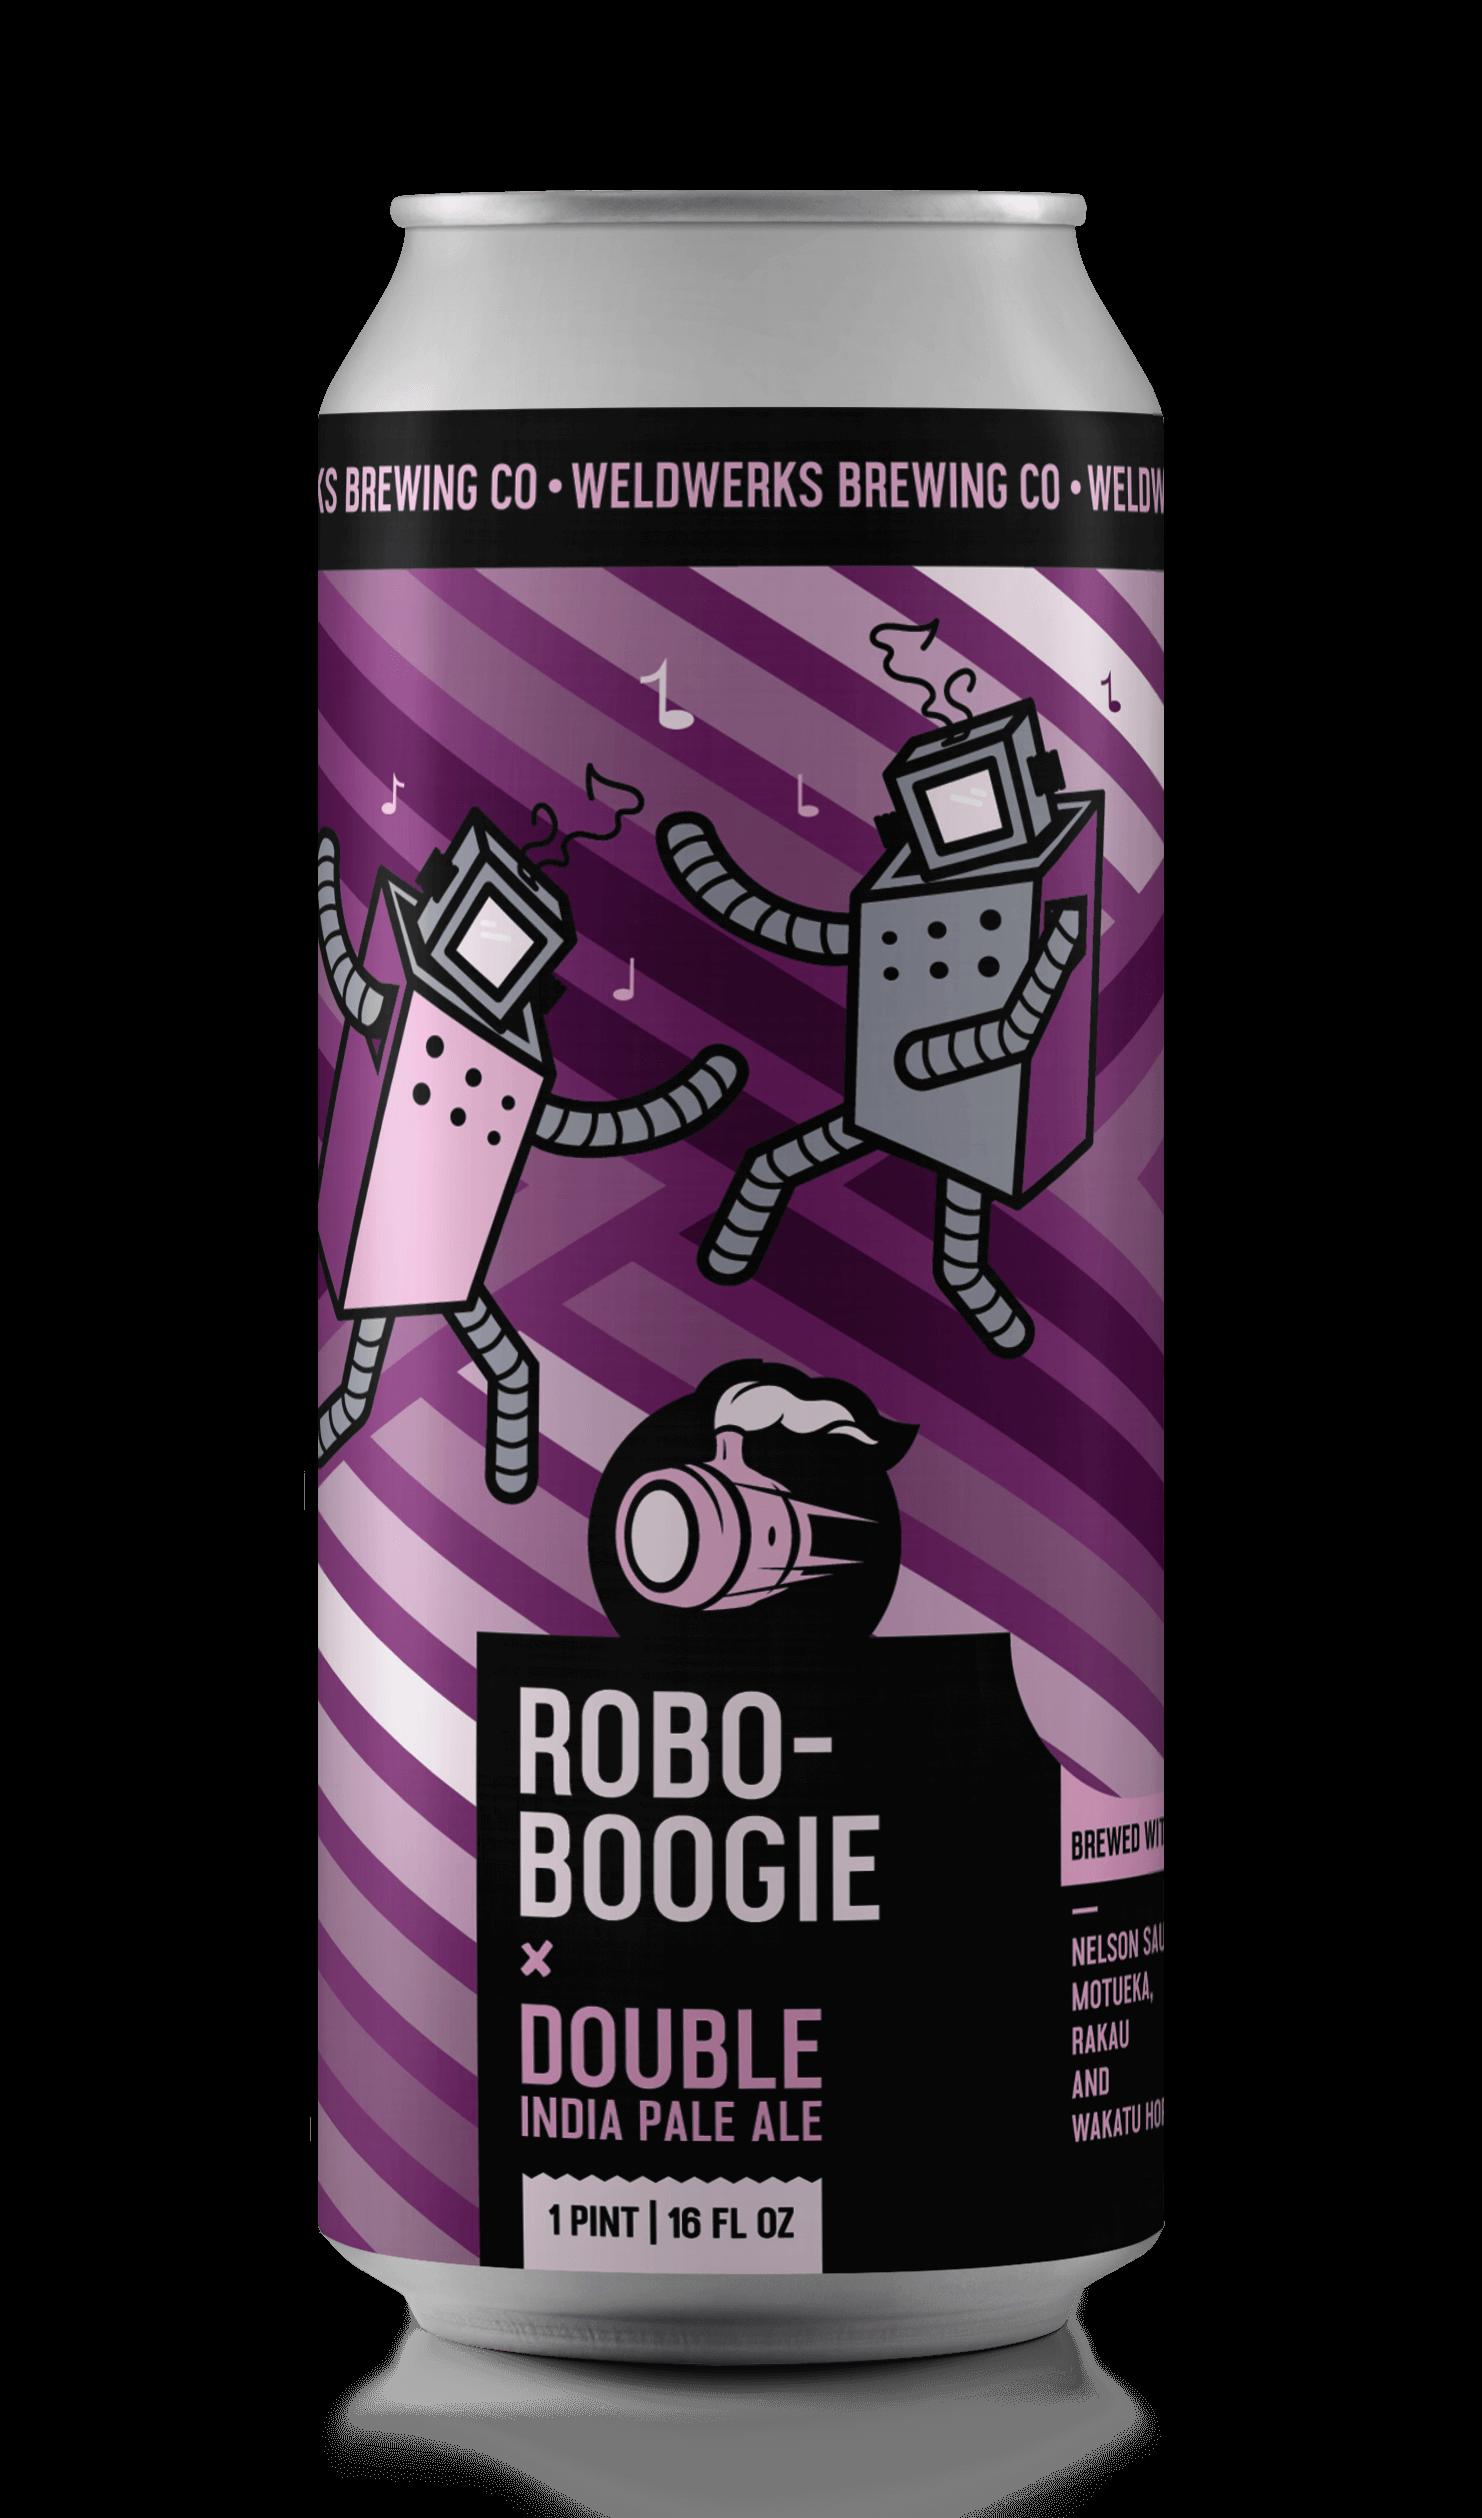 Robo-Boogie